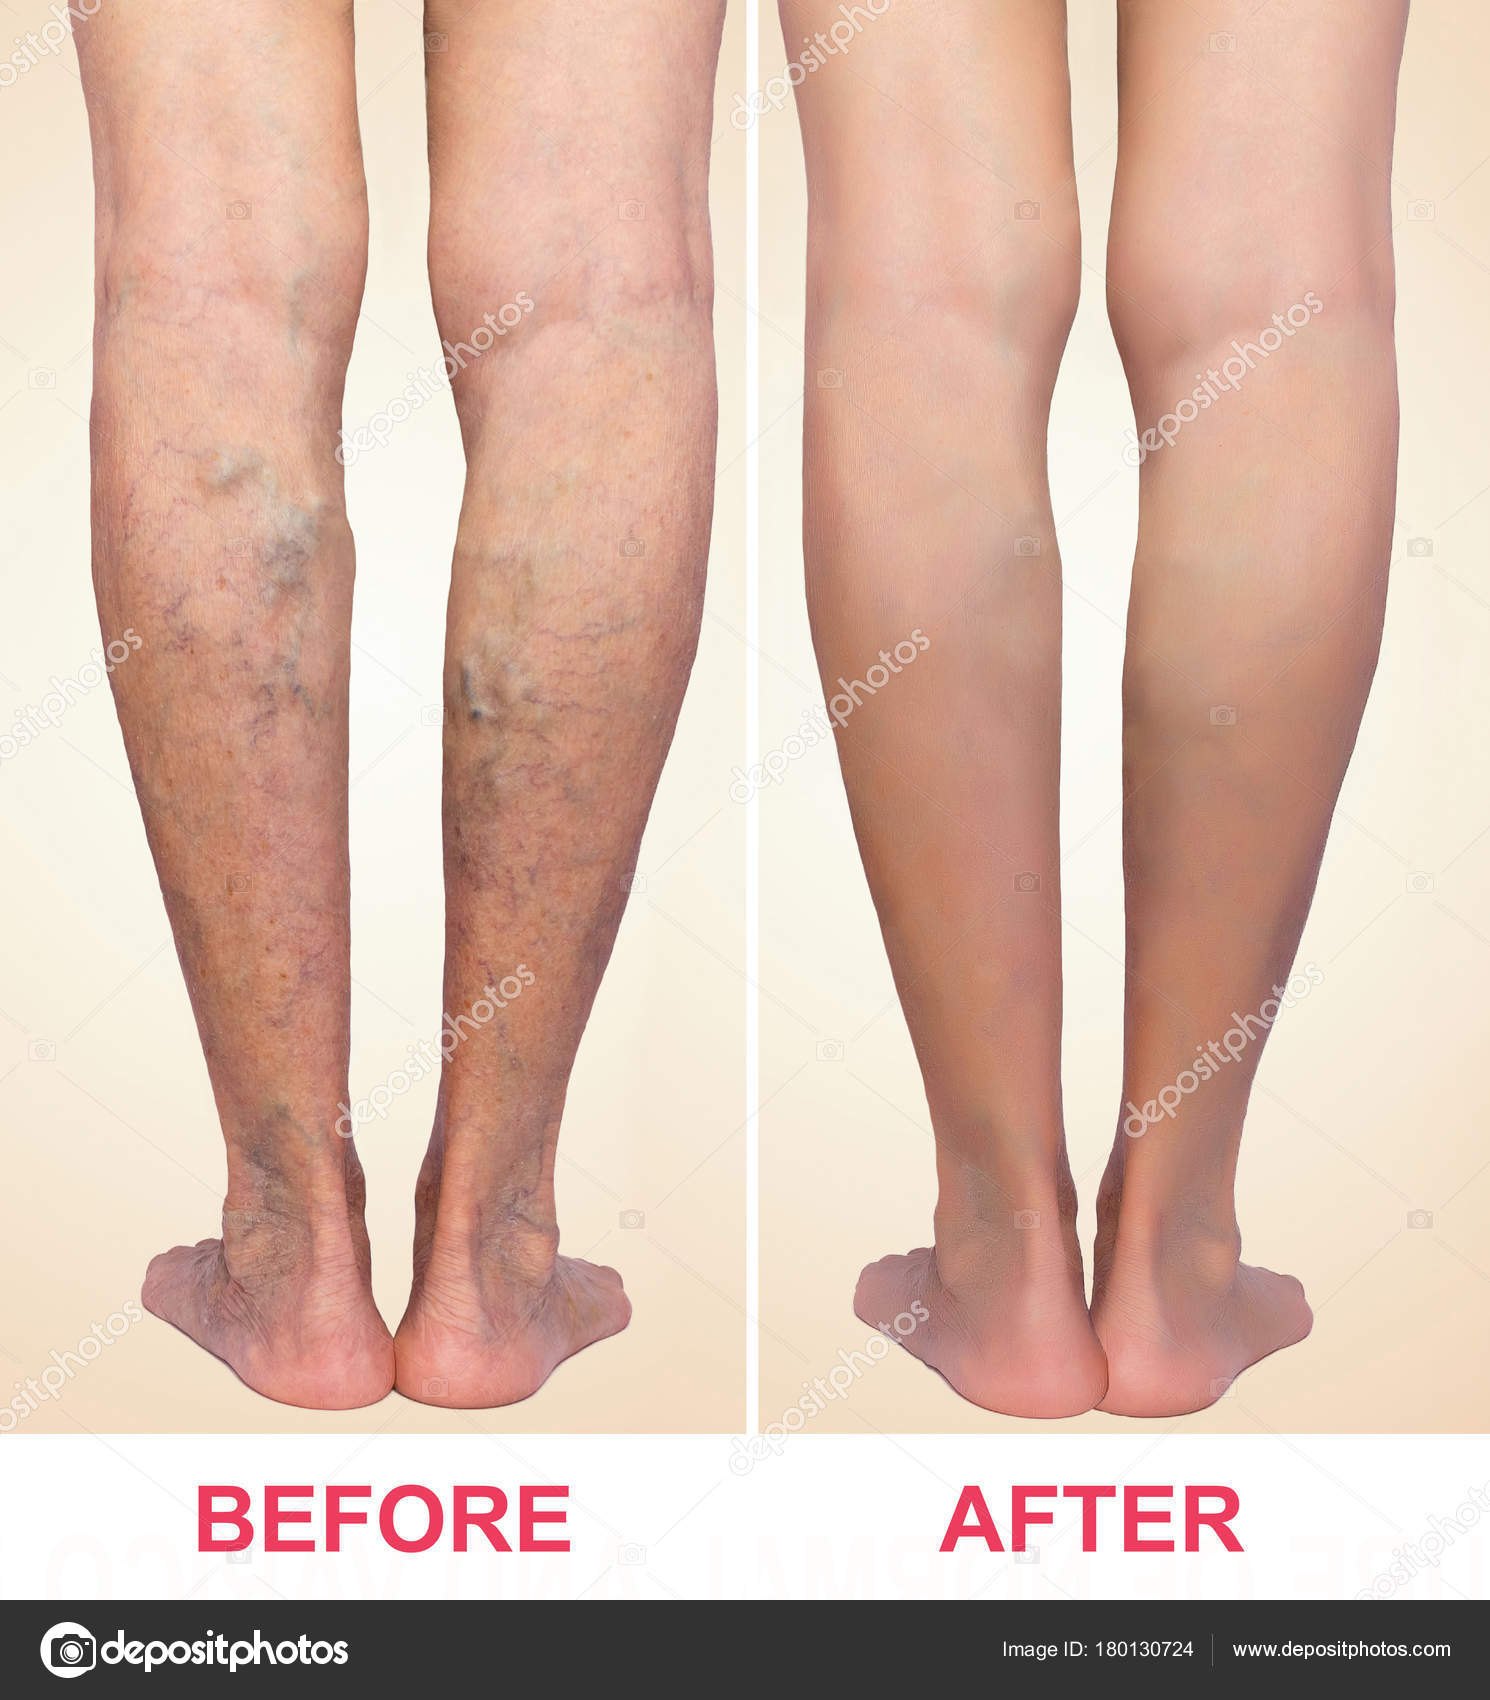 visszér kezelés Dzerzhinsk visszér fotó a nők lábán